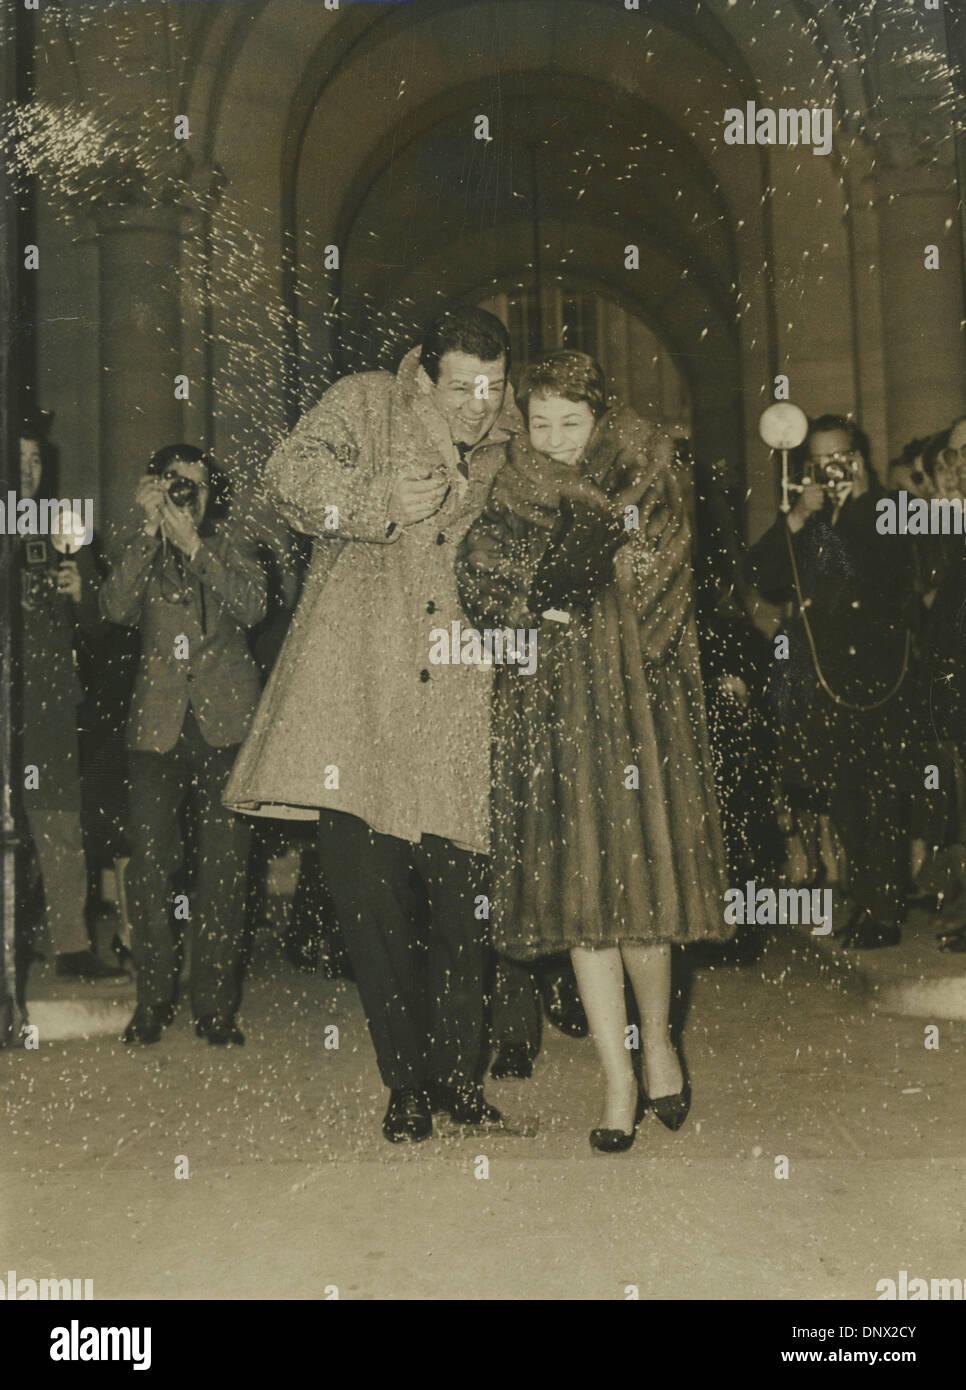 6. Januar 1962 verlassen - Rom, Italien - RENATO SALVATORI und seine neue Braut ANNIE GIRARDOT Rathaus während weißer Reis in die Luft geworfen werden. (Kredit-Bild: © KEYSTONE Pictures/ZUMAPRESS.com) Stockfoto